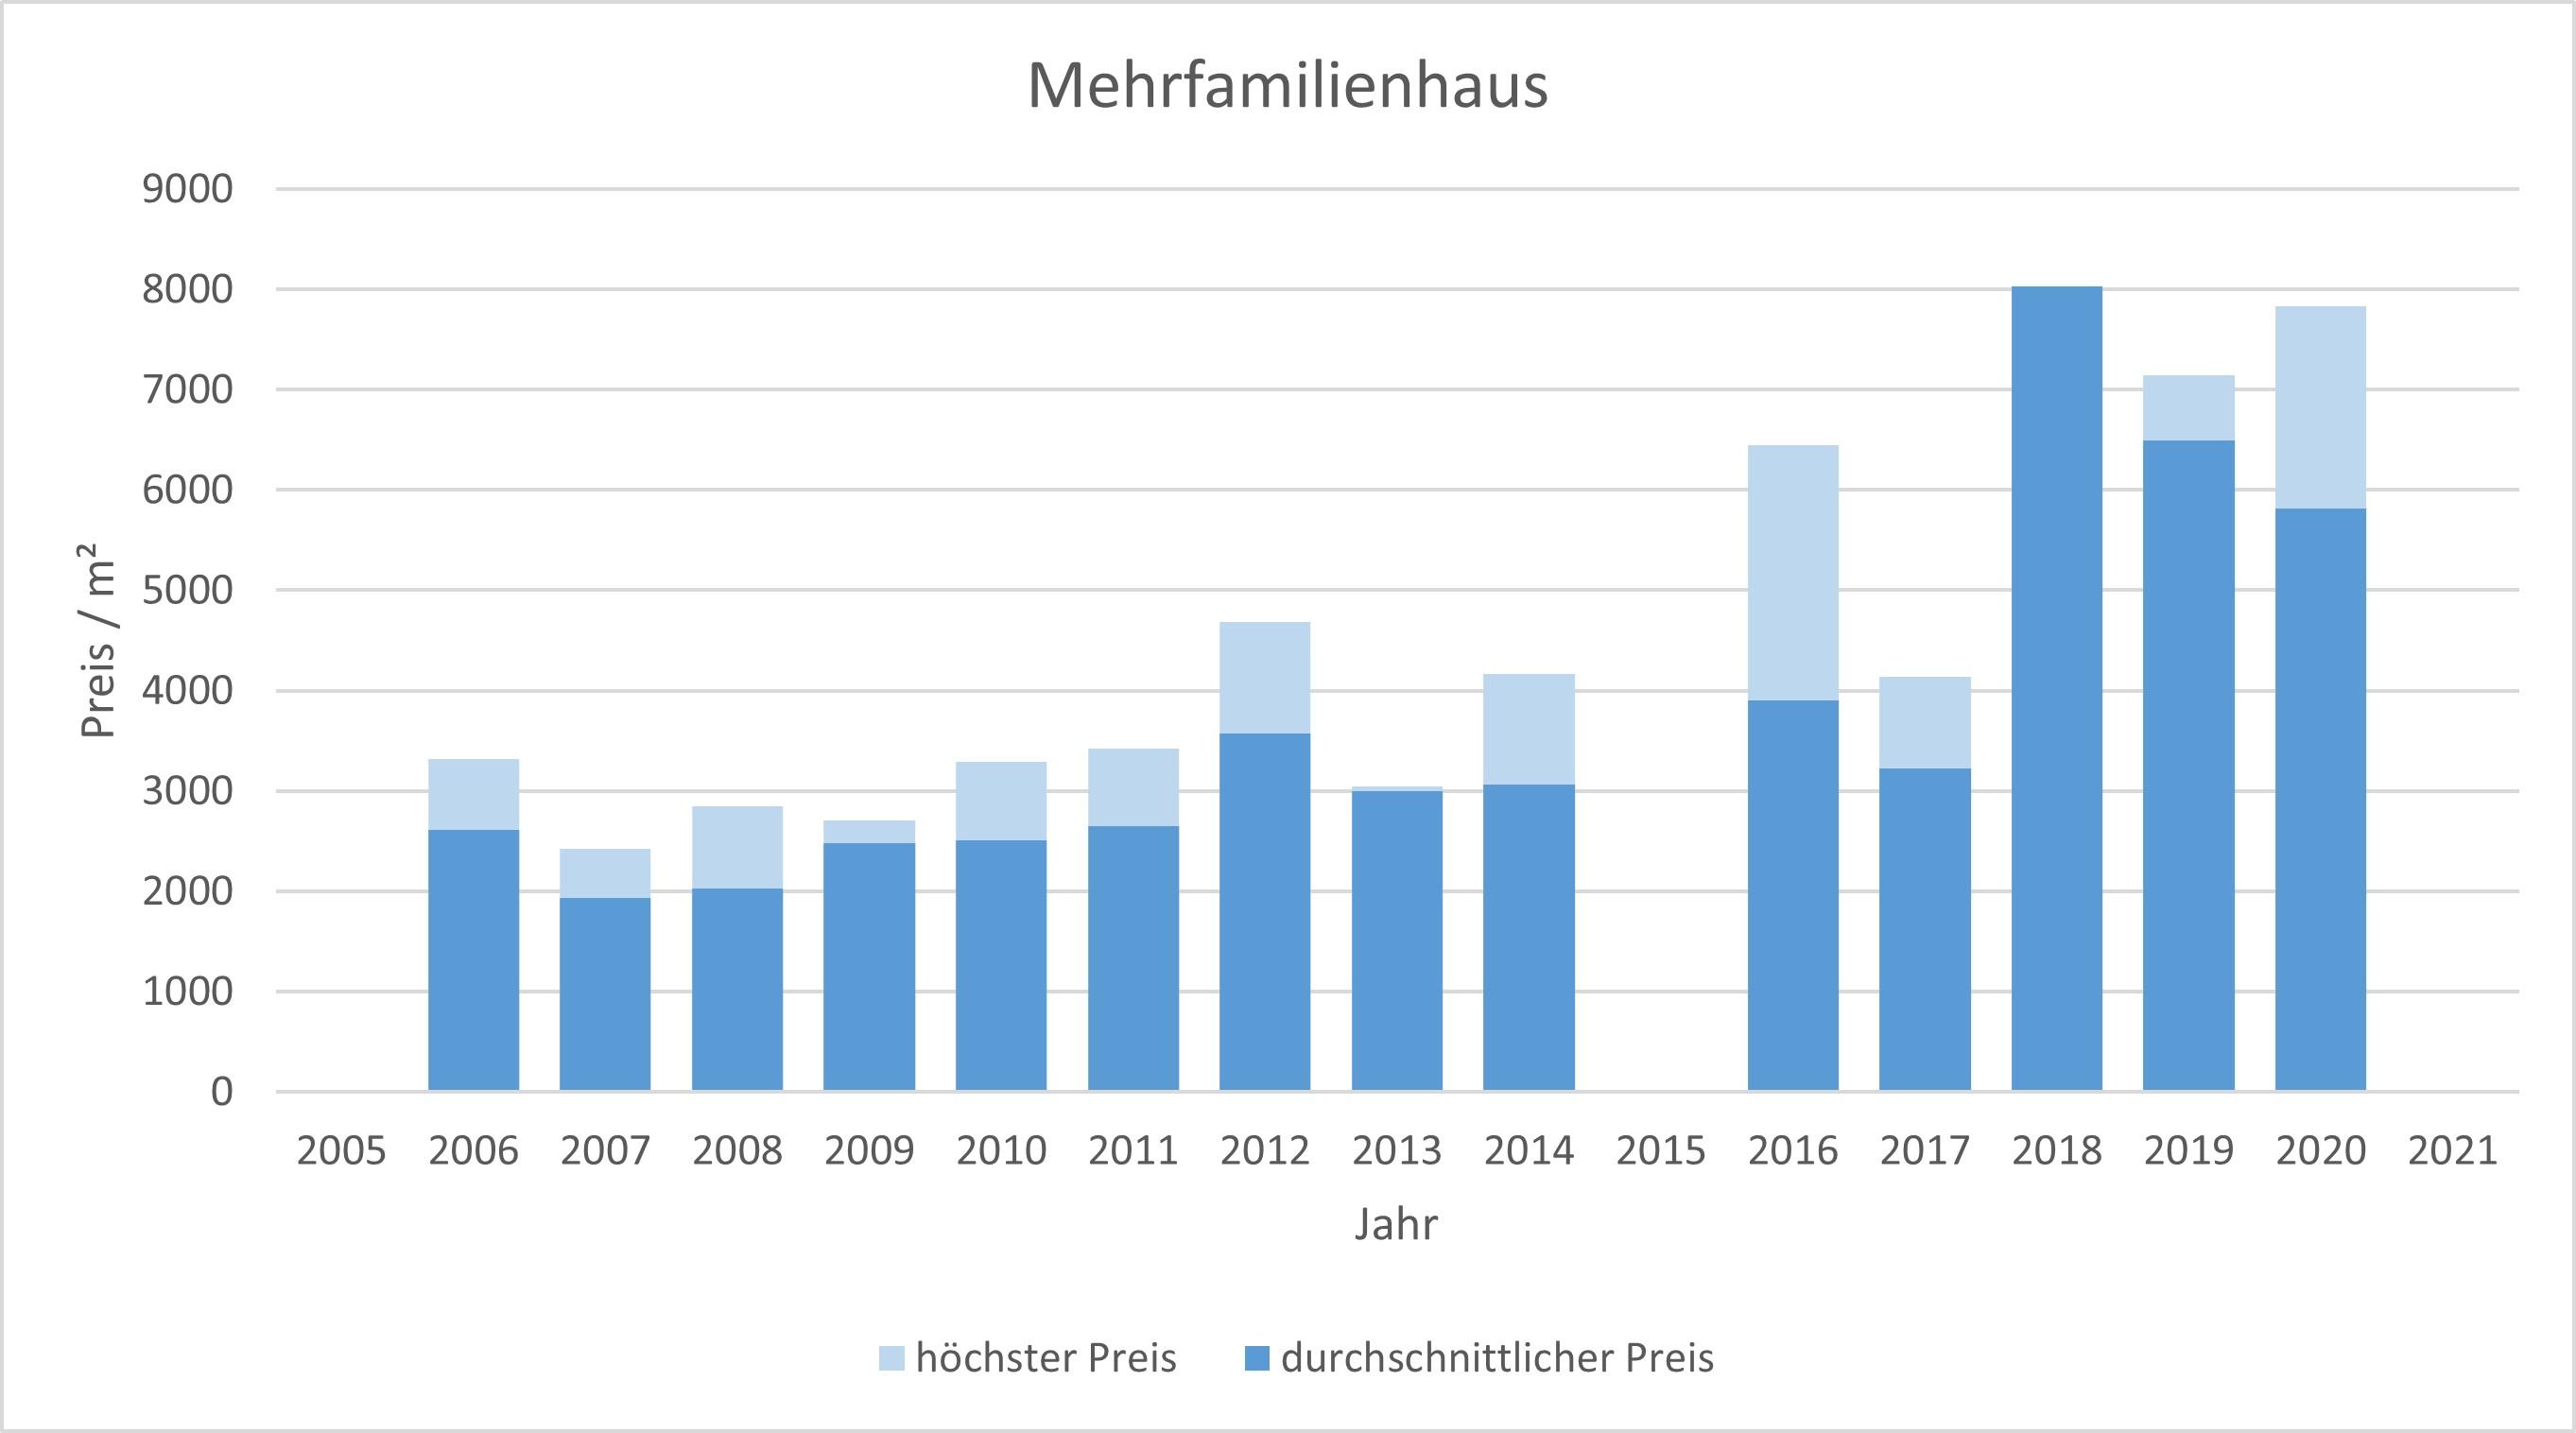 Feldkirchen Mehrfamilienhaus kaufen verkaufen Preis  2019 2020 2021 Bewertung Makler www.happy-immo.de